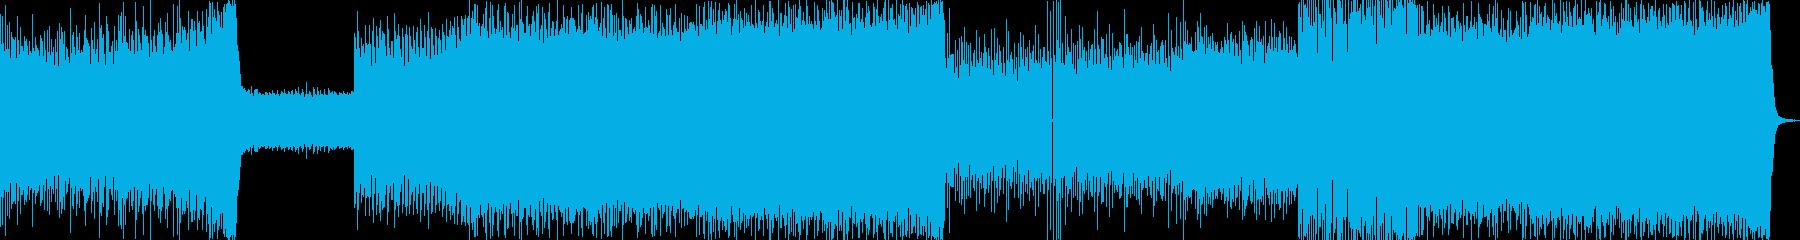 疾走感のあるカッコイイイメージのEDMの再生済みの波形